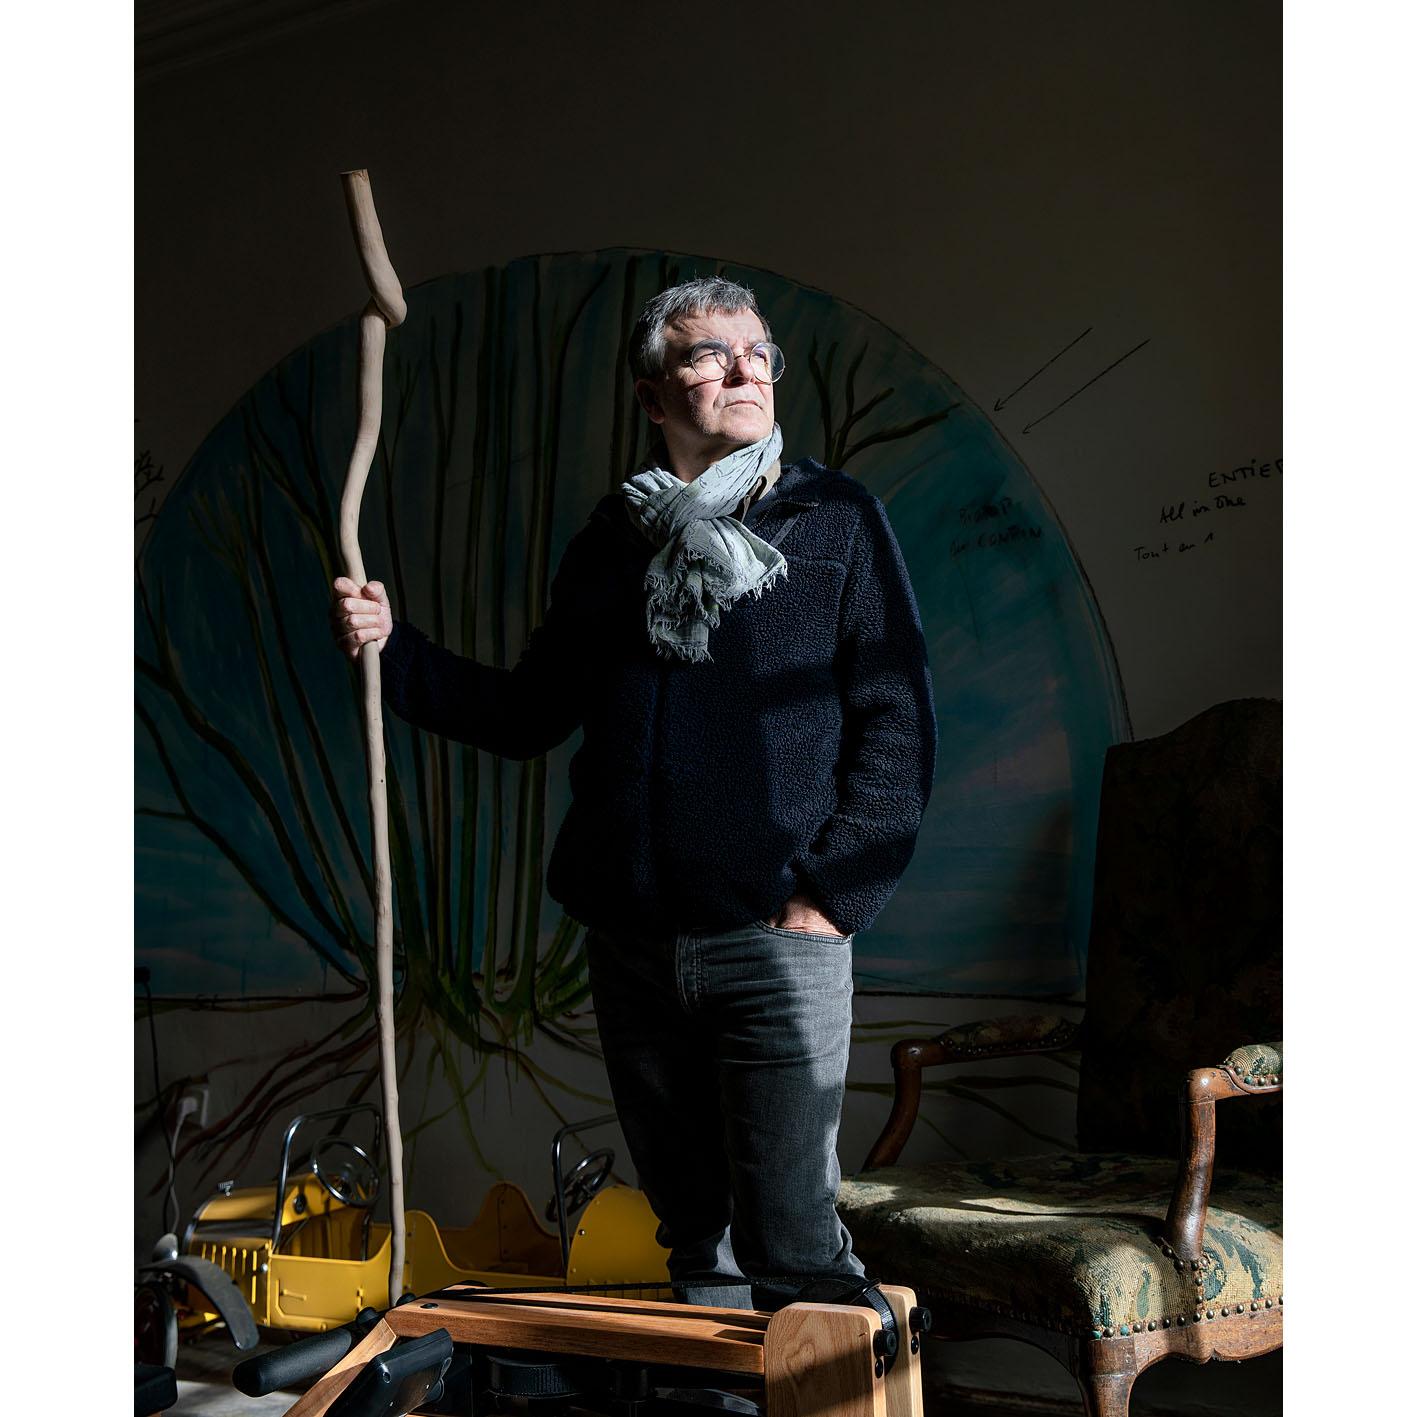 Fabrice Hyber chez lui en Vendée. Sculpté dans une branche de cormier, un bâton de marche choisi à la place de la traditionnelle épée pour son entrée à l'Académie des beaux-arts.